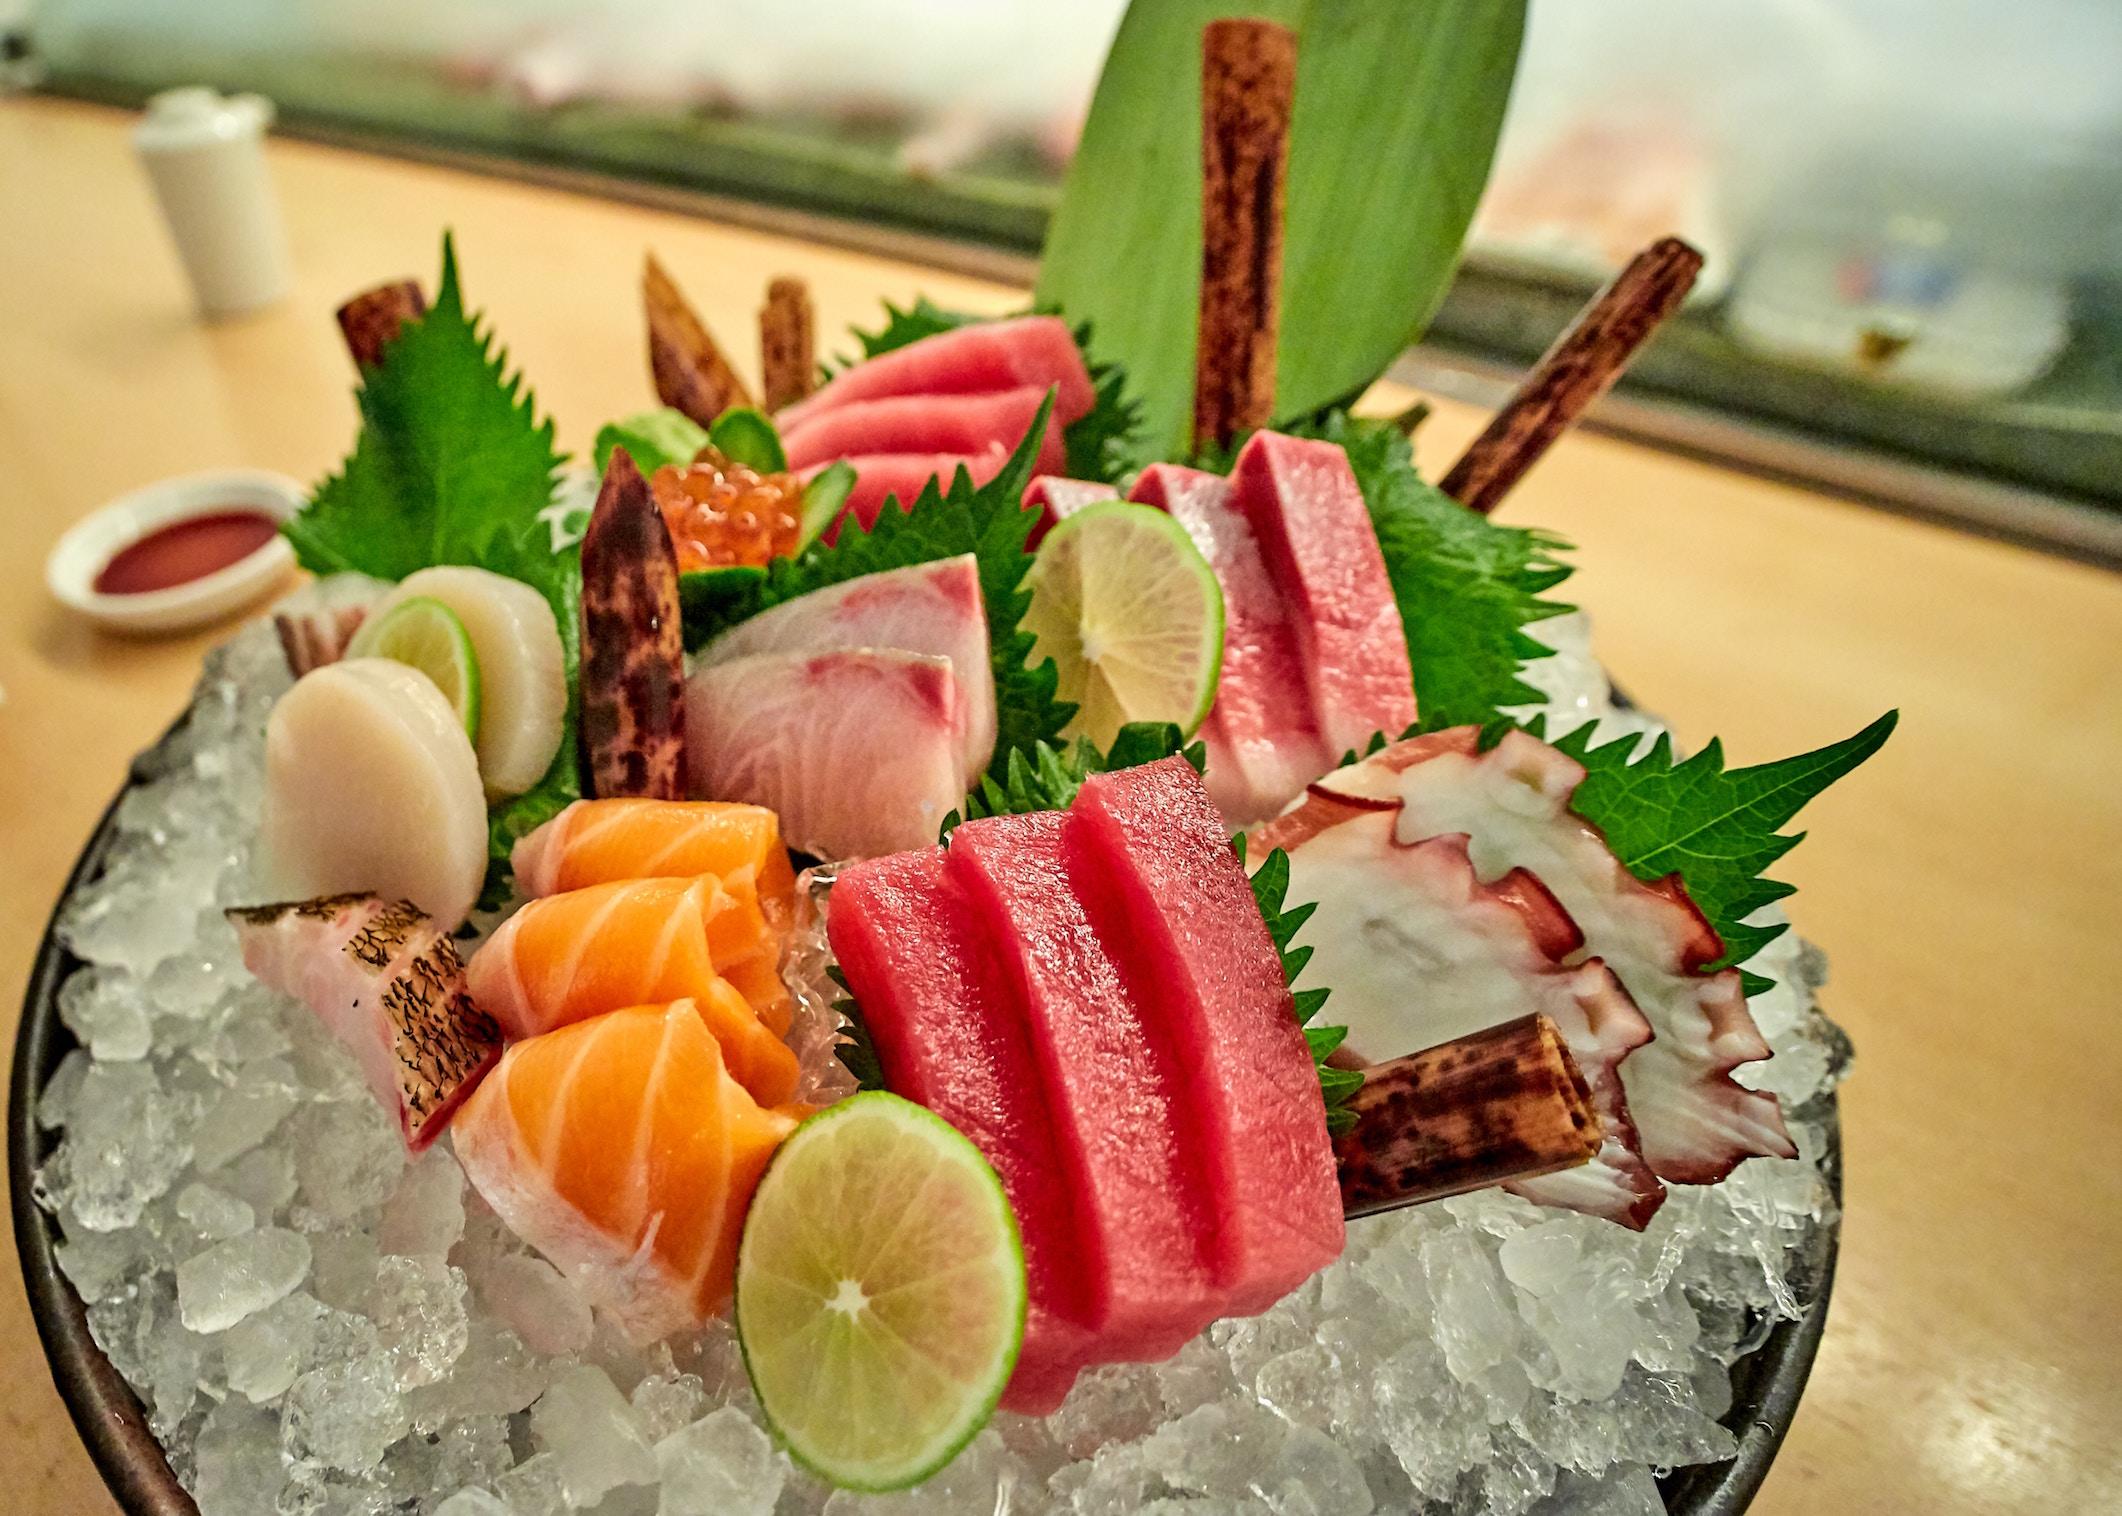 小野の離れ(福岡)は予約が取れない日本料理店!平日のランチメニューも大人気